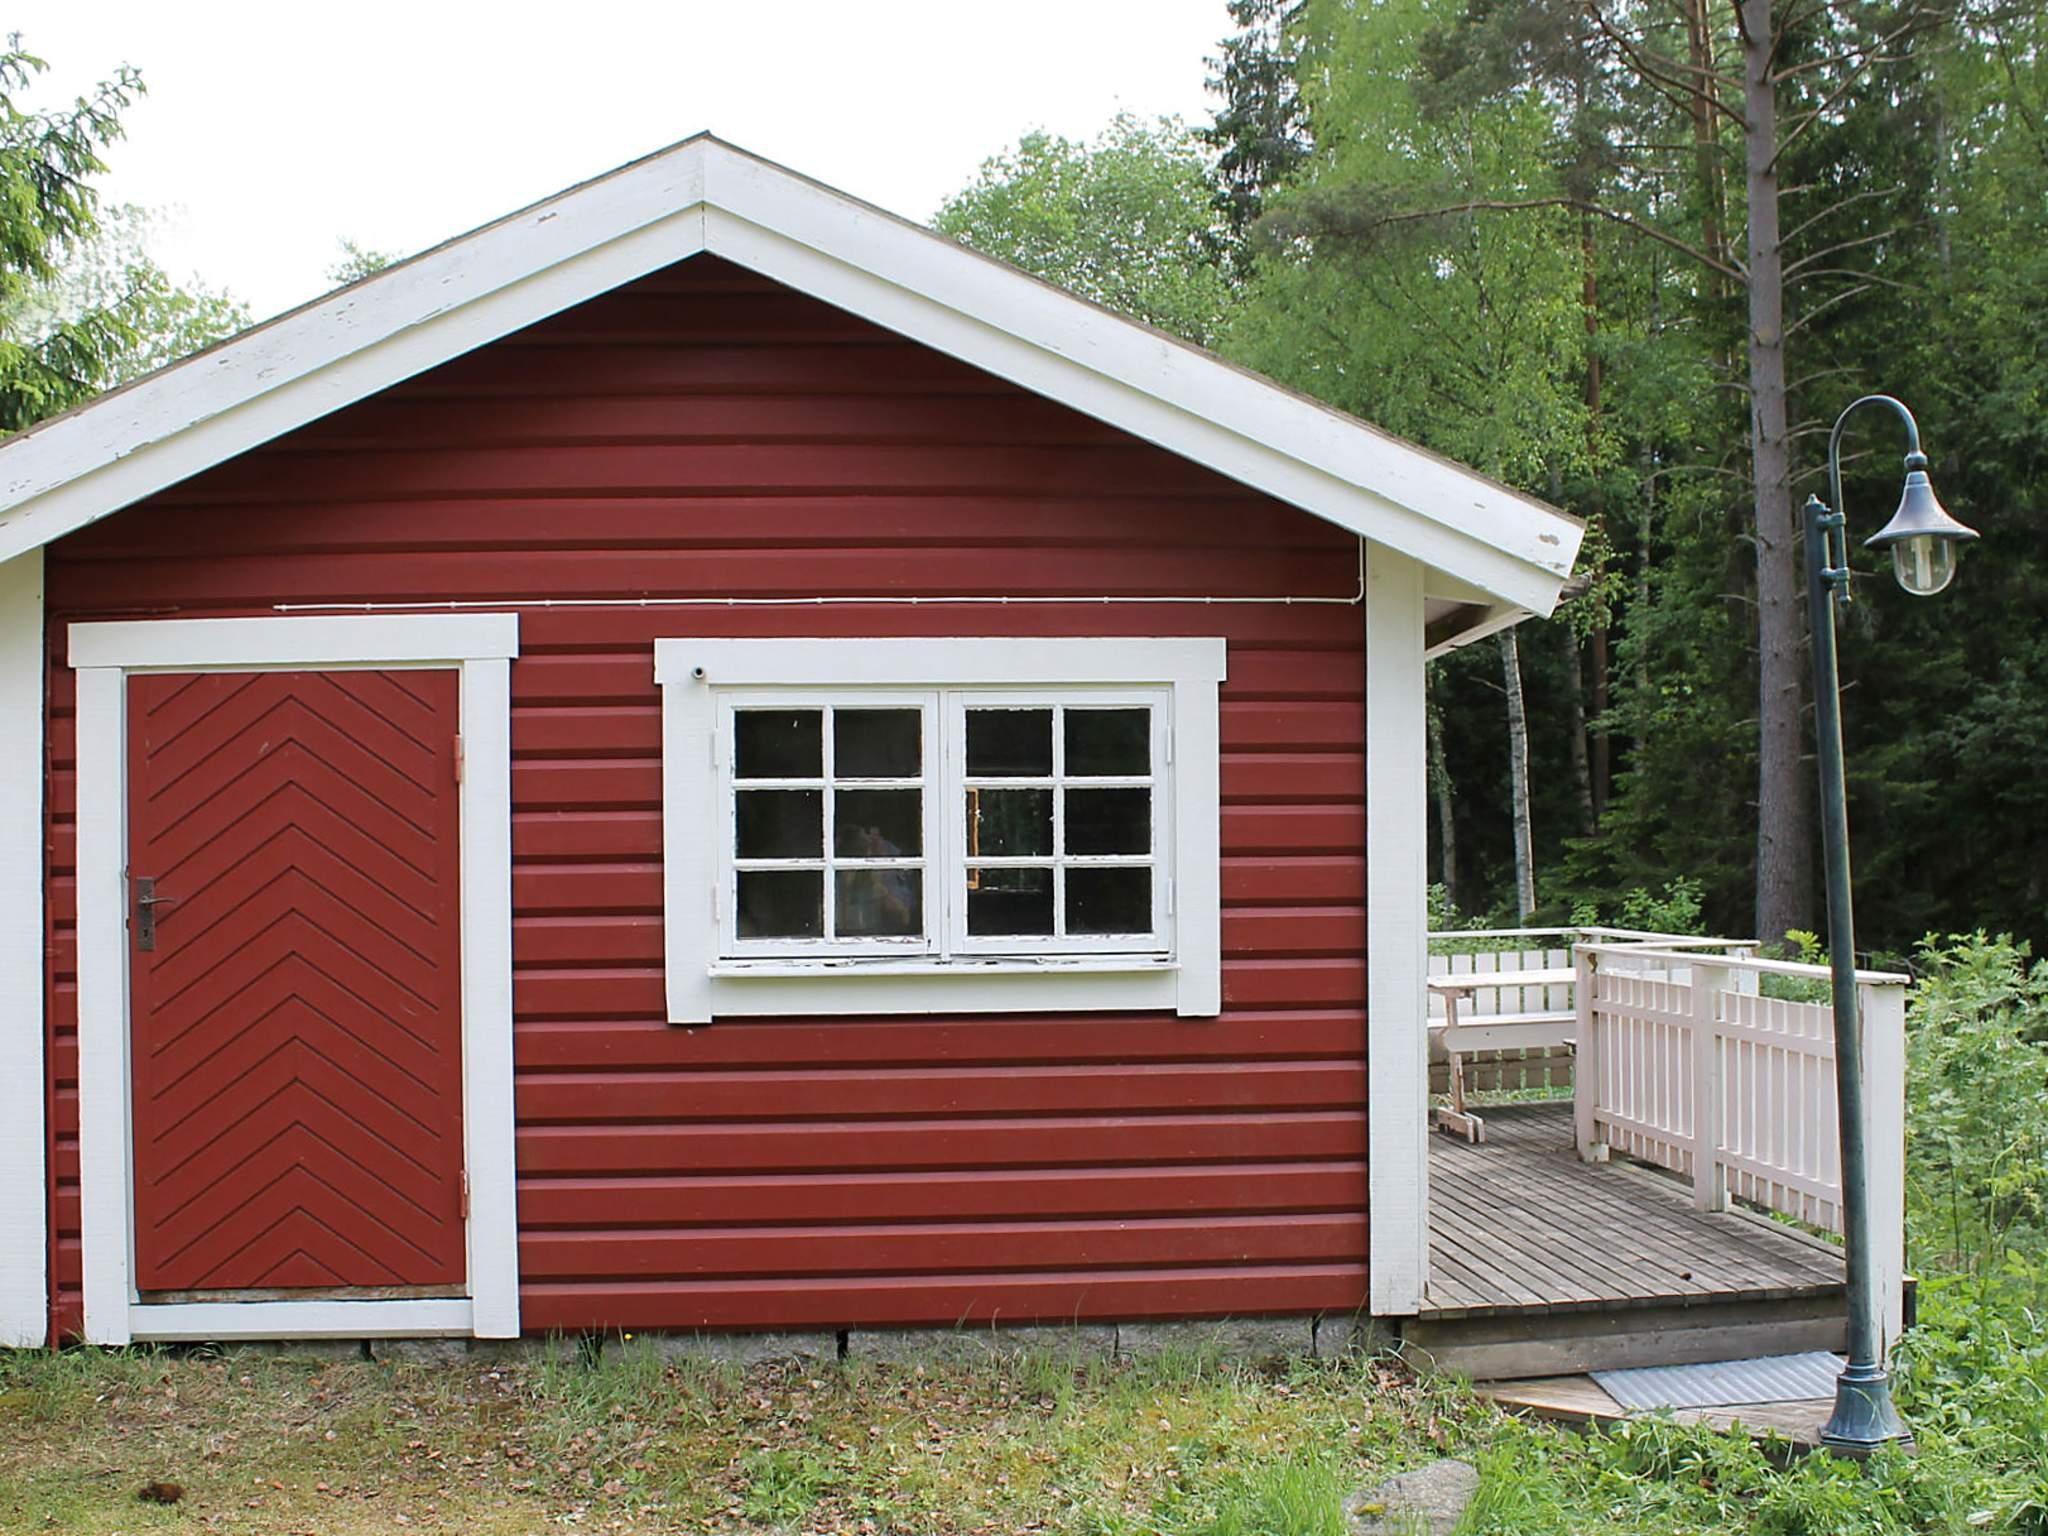 Ferienhaus Eksjö (642218), Hult, Jönköpings län, Südschweden, Schweden, Bild 34